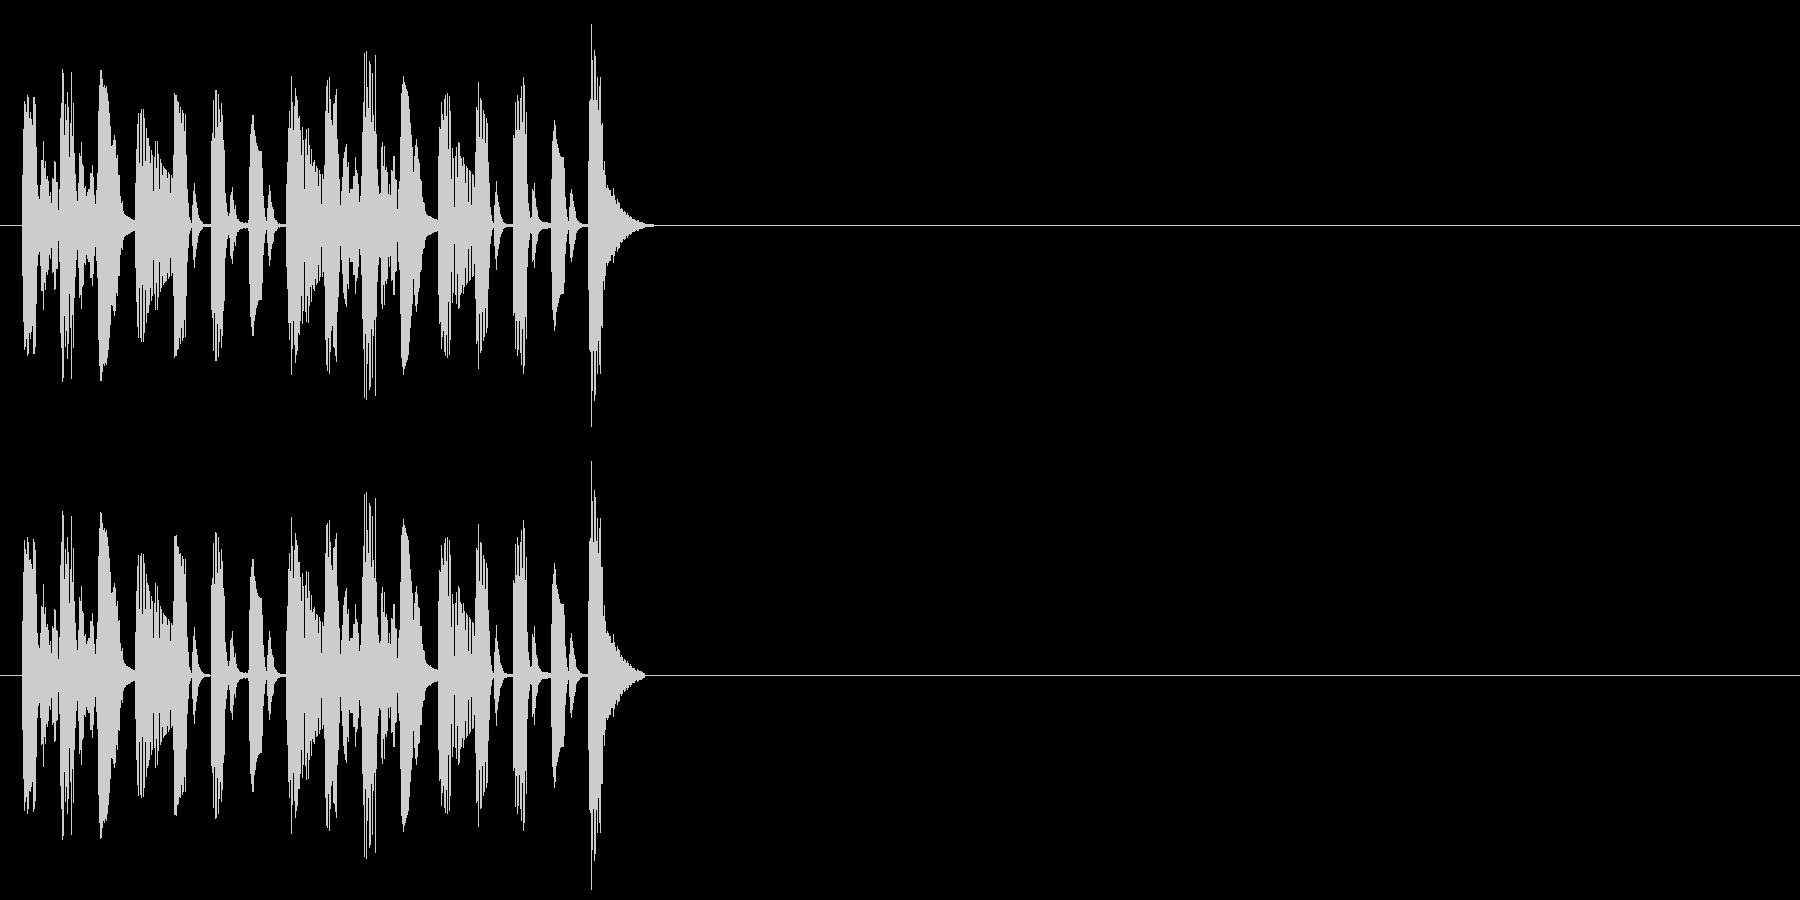 科学 機械 コミカル クイズ 不思議の未再生の波形